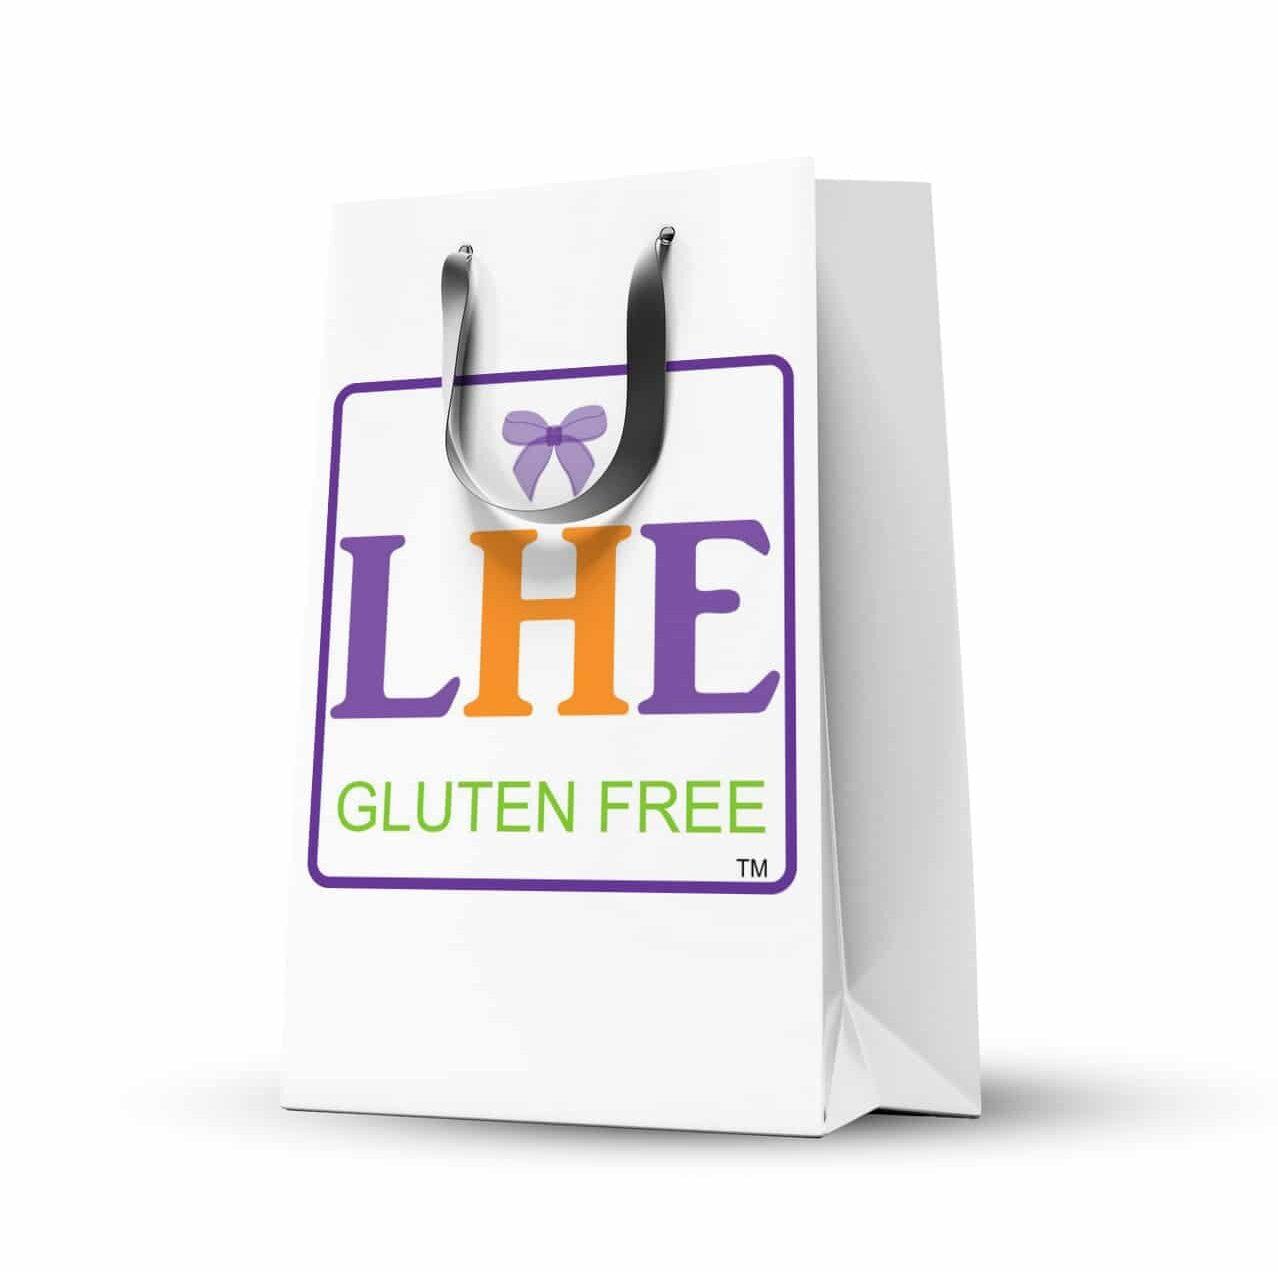 Gluten Free LHE